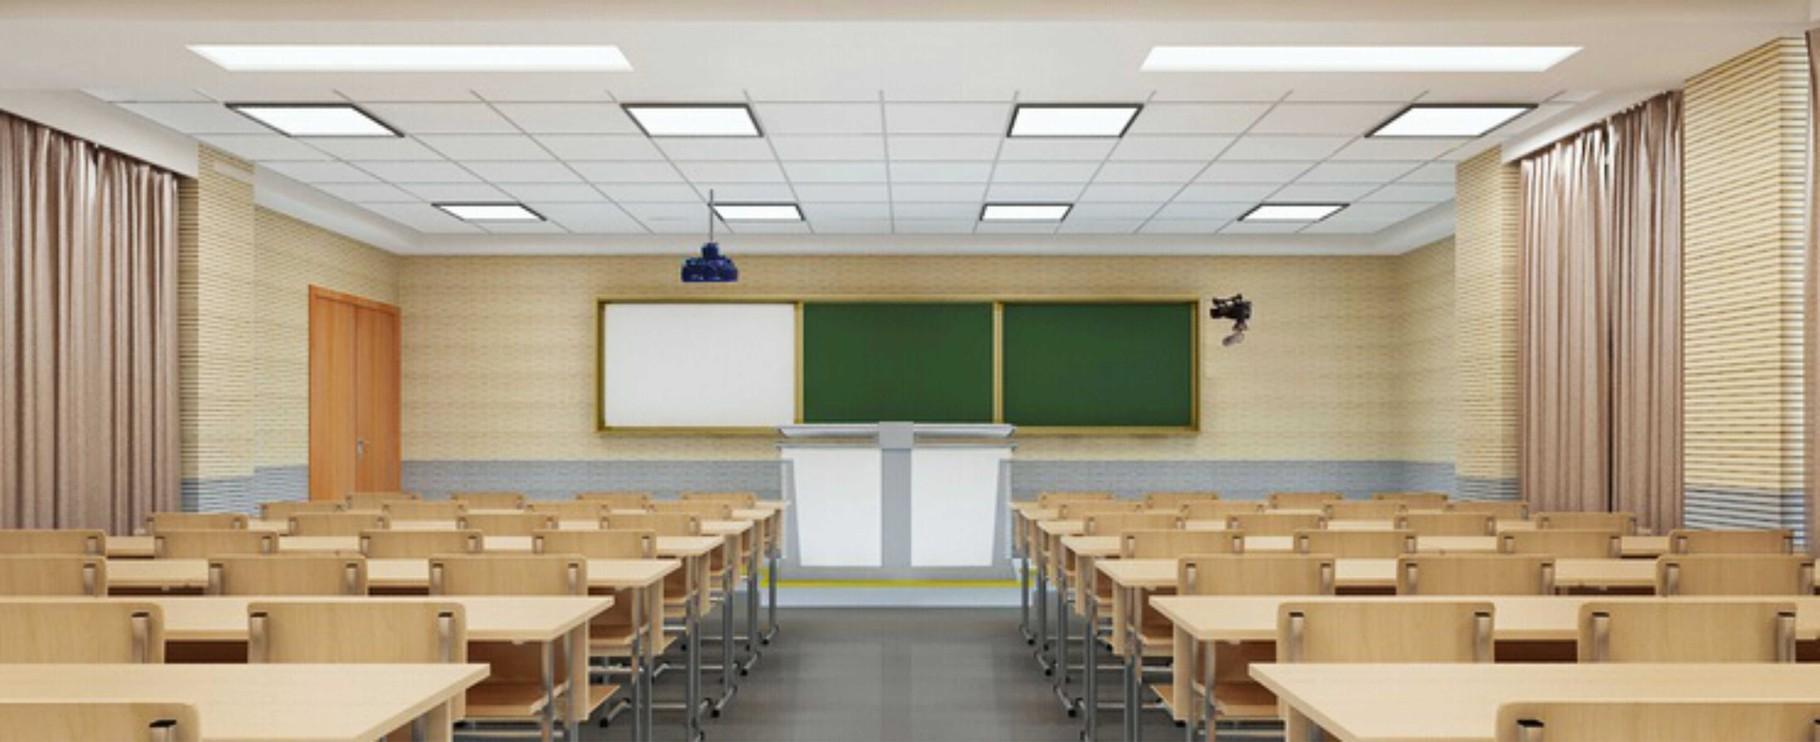 Общее освещение класса